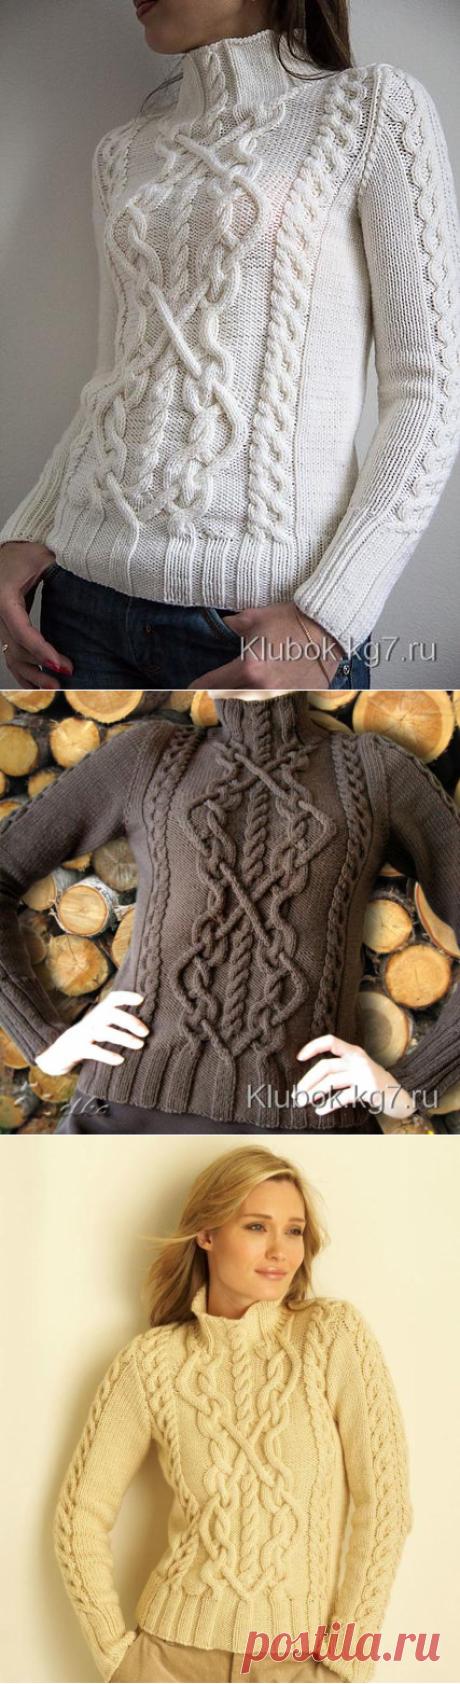 Вязание спицами для женщин Пуловер от Bernat